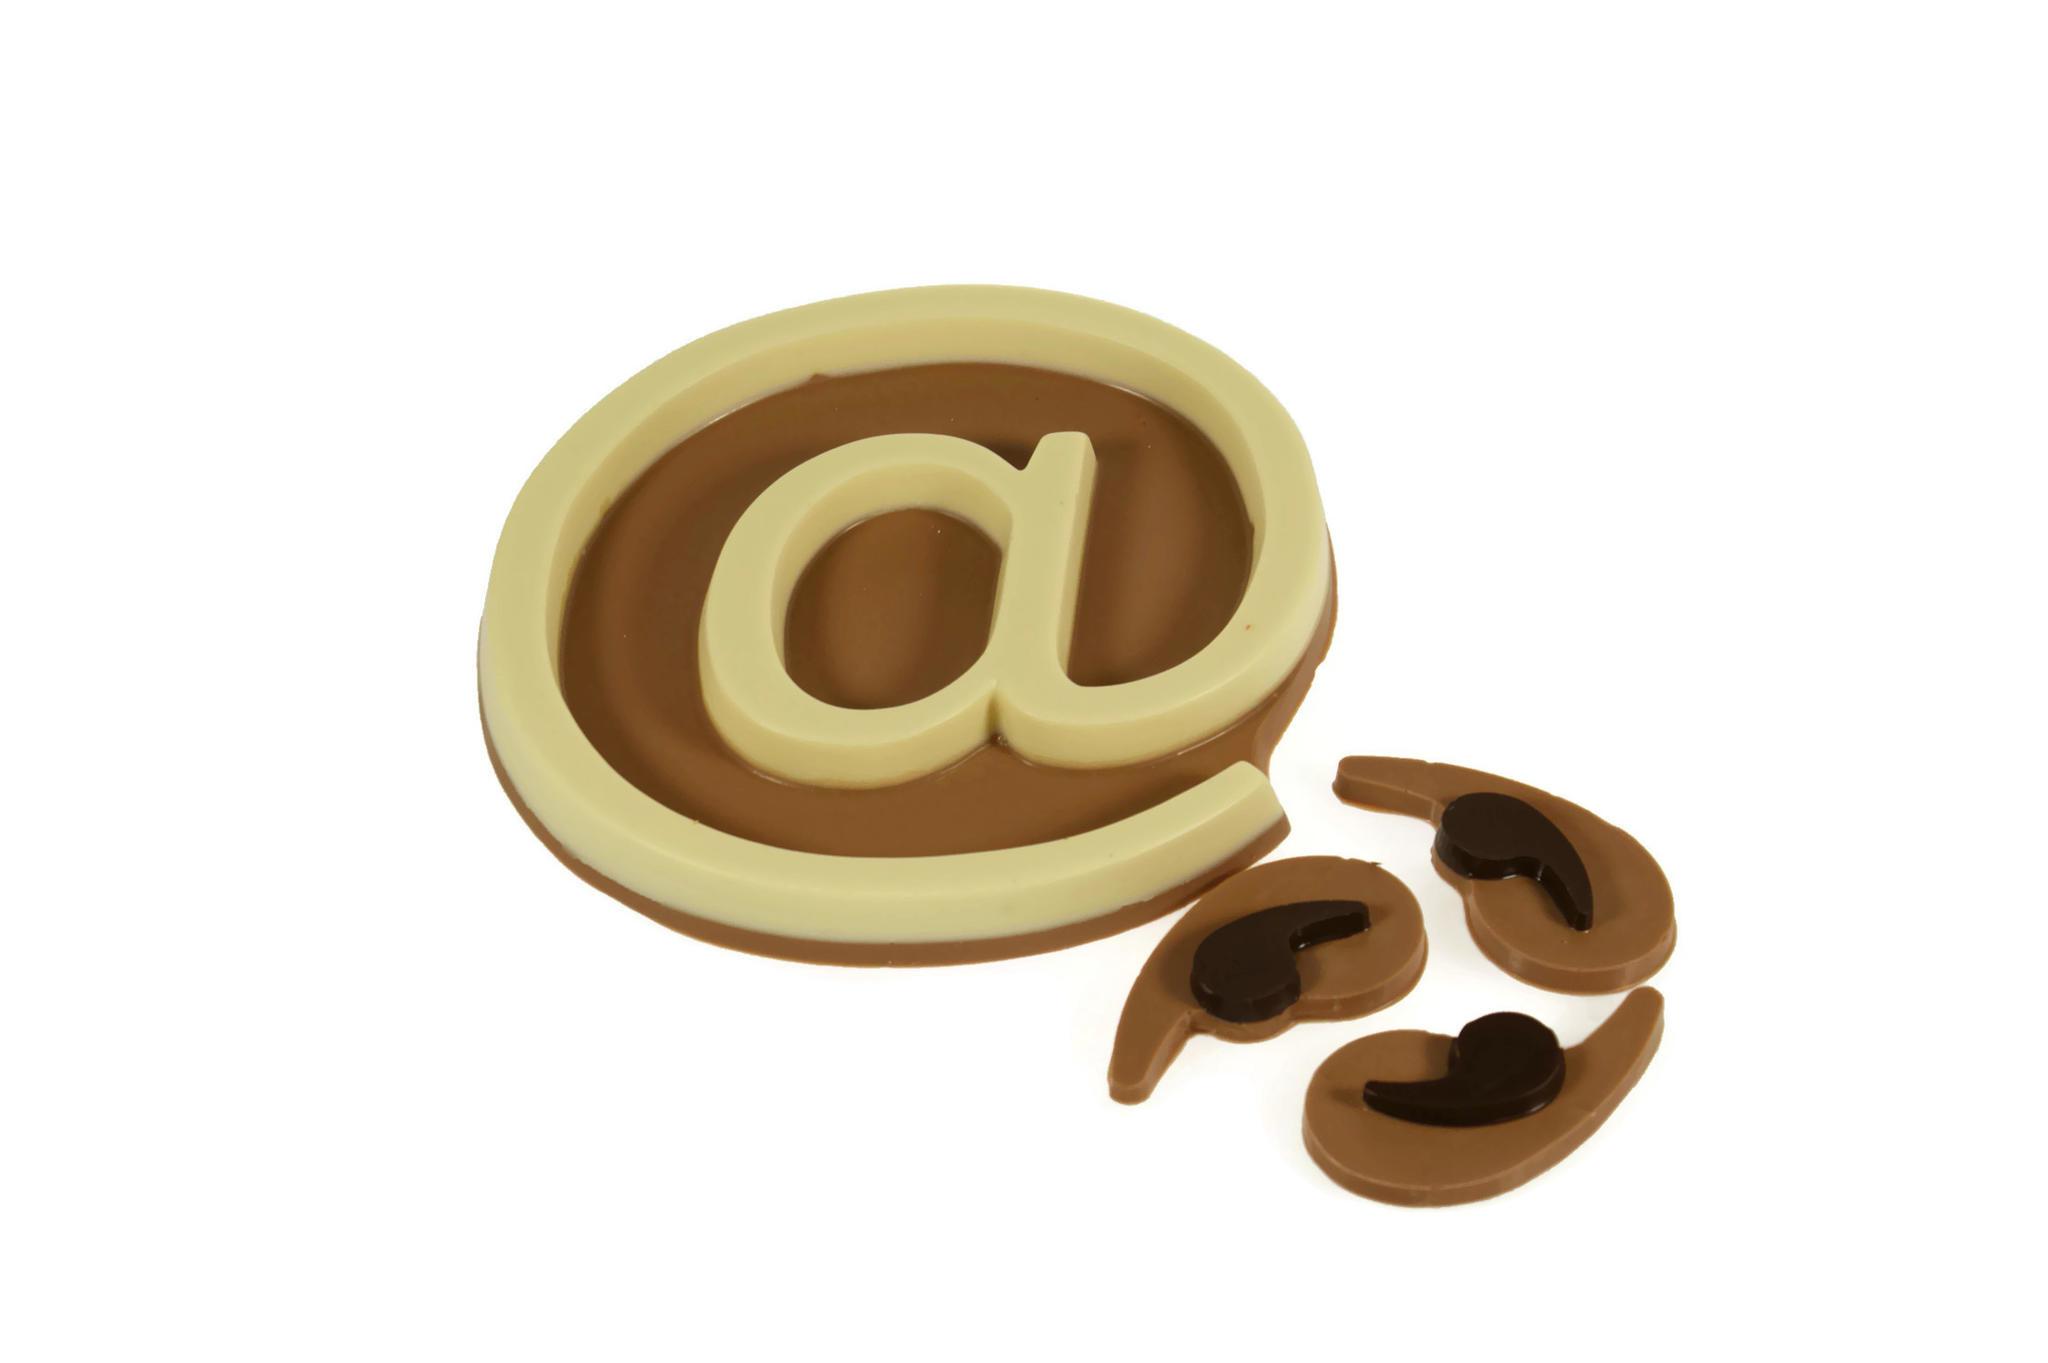 chocolade ontwerpen in eigen vorm